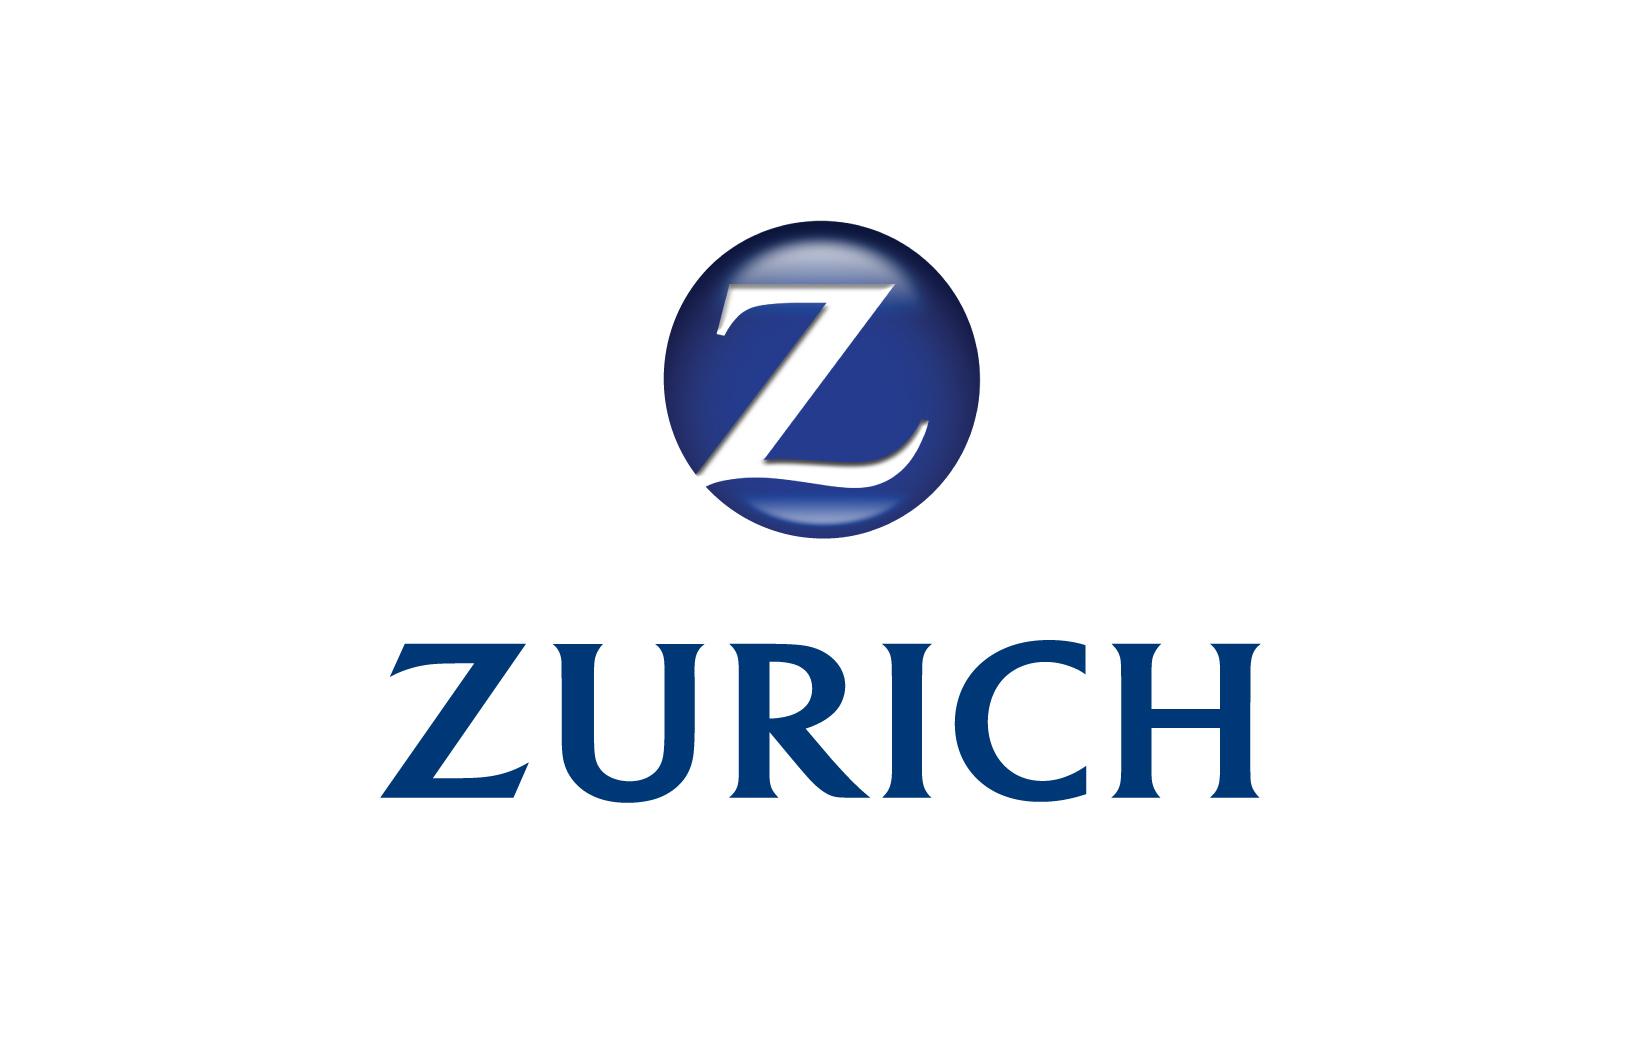 zurich_logo_1640